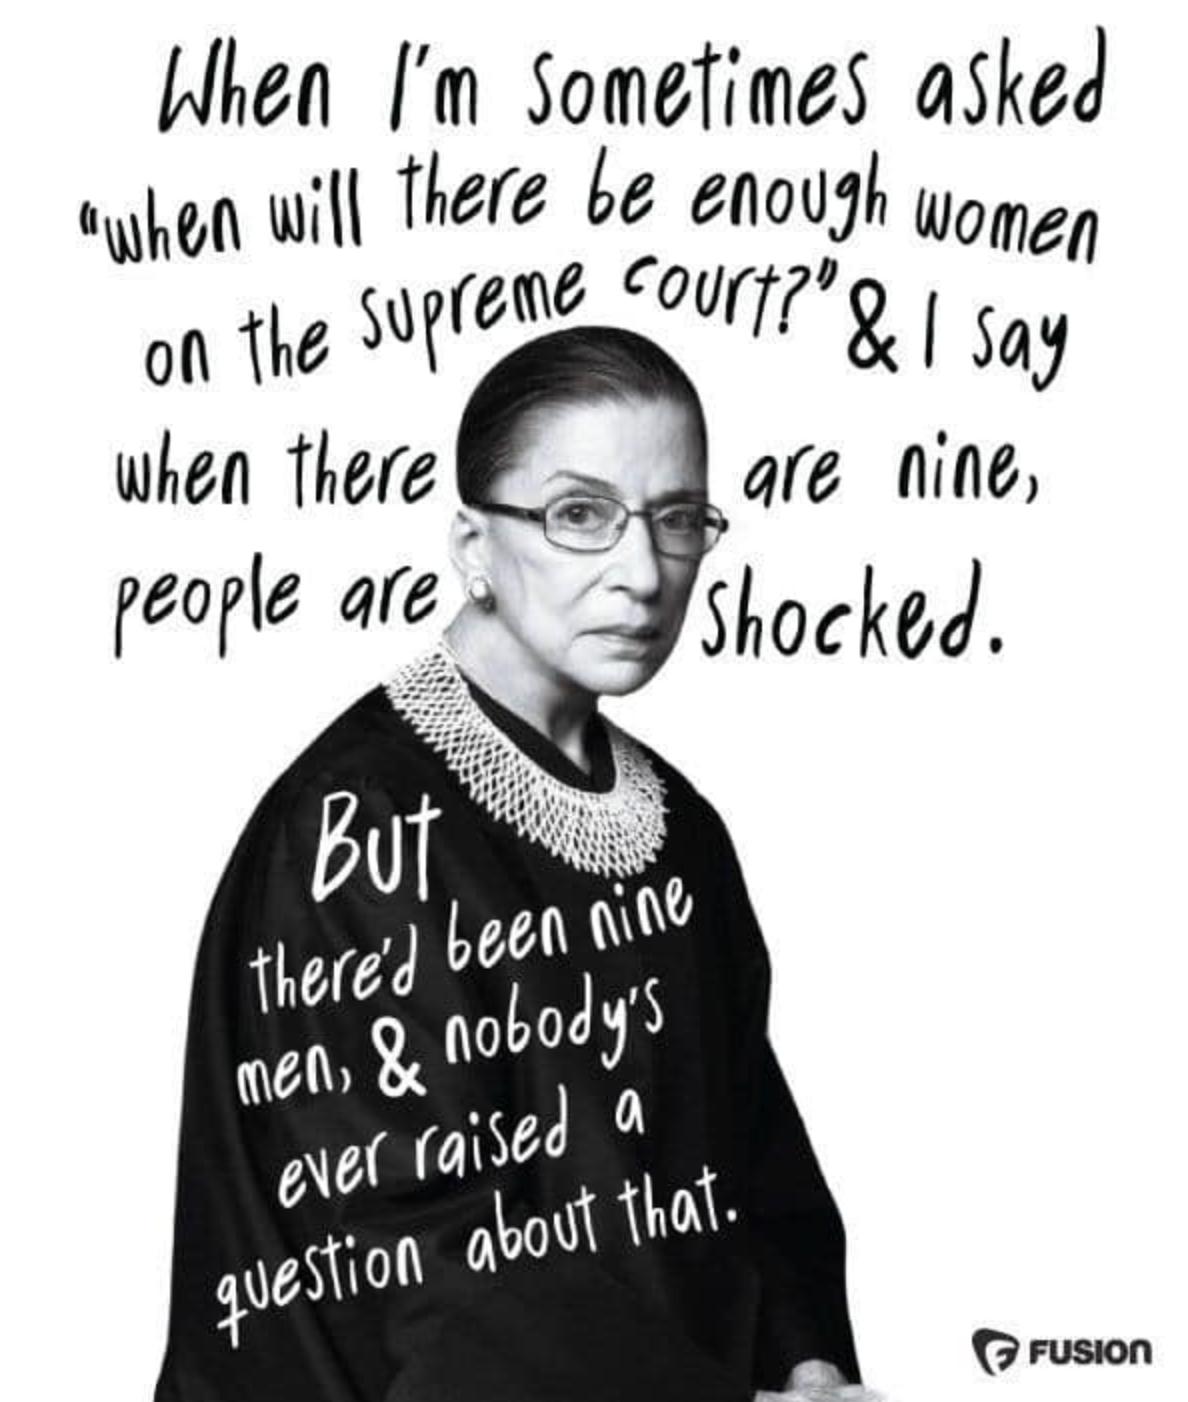 Social Media Says Thank You to Ruth Bader Ginsburg